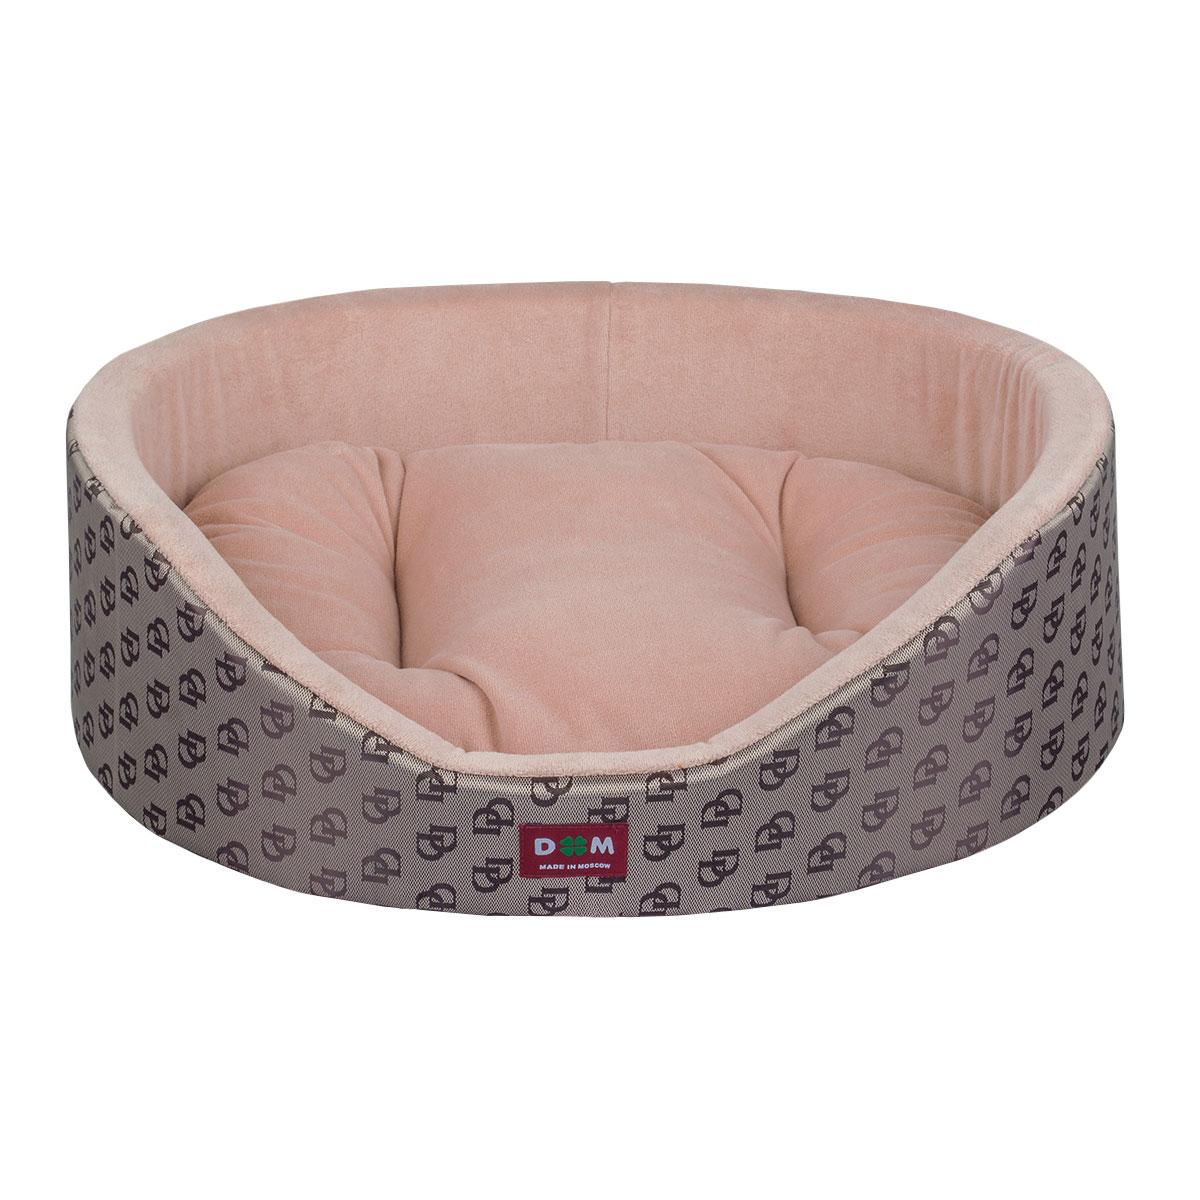 Лежак для животных Dogmoda Профи, цвет: пепель-розовый, коричневый, 53 х 50 х 16 смDM-160269-3Уютный лежак для животных Dogmoda Профи обязательно понравится вашему питомцу. В нем питомец будет счастлив, так как лежак очень мягкий и приятный. Он будет проводить все свое свободное время в нем, отдыхать, наслаждаясь удобством. Лежак выполнен из мягкой качественной ткани, также имеется подушка, которая легко вынимается и ее можно использовать отдельно.